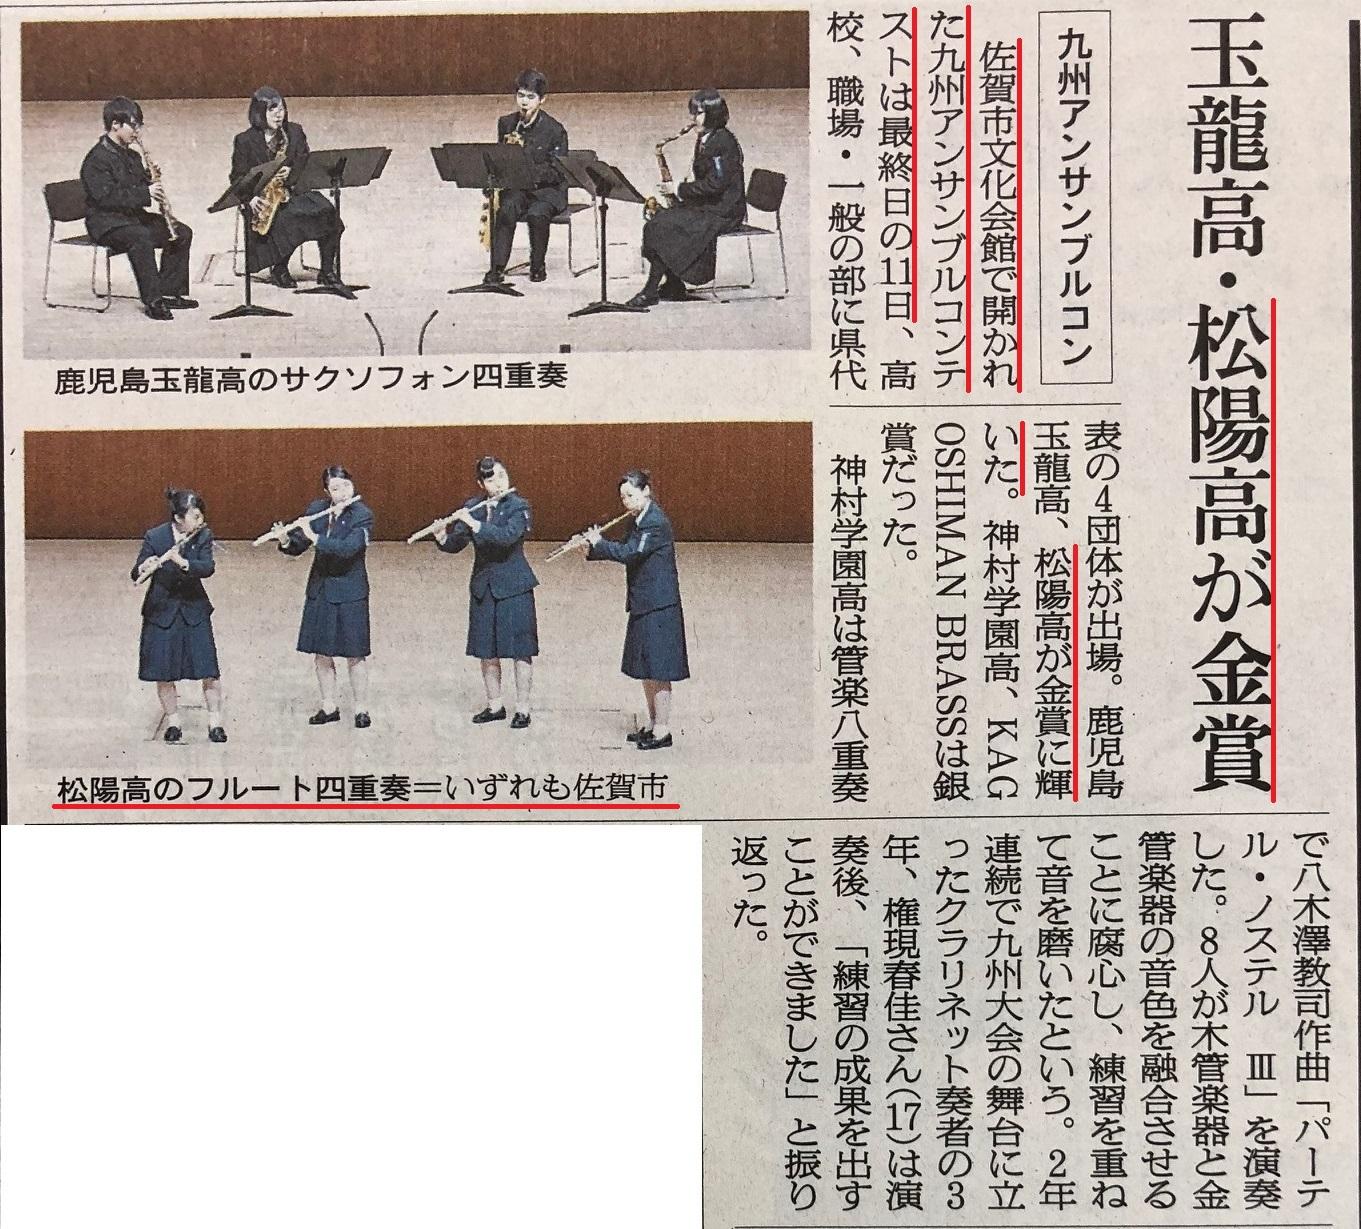 アンサンブル コンテスト 九州